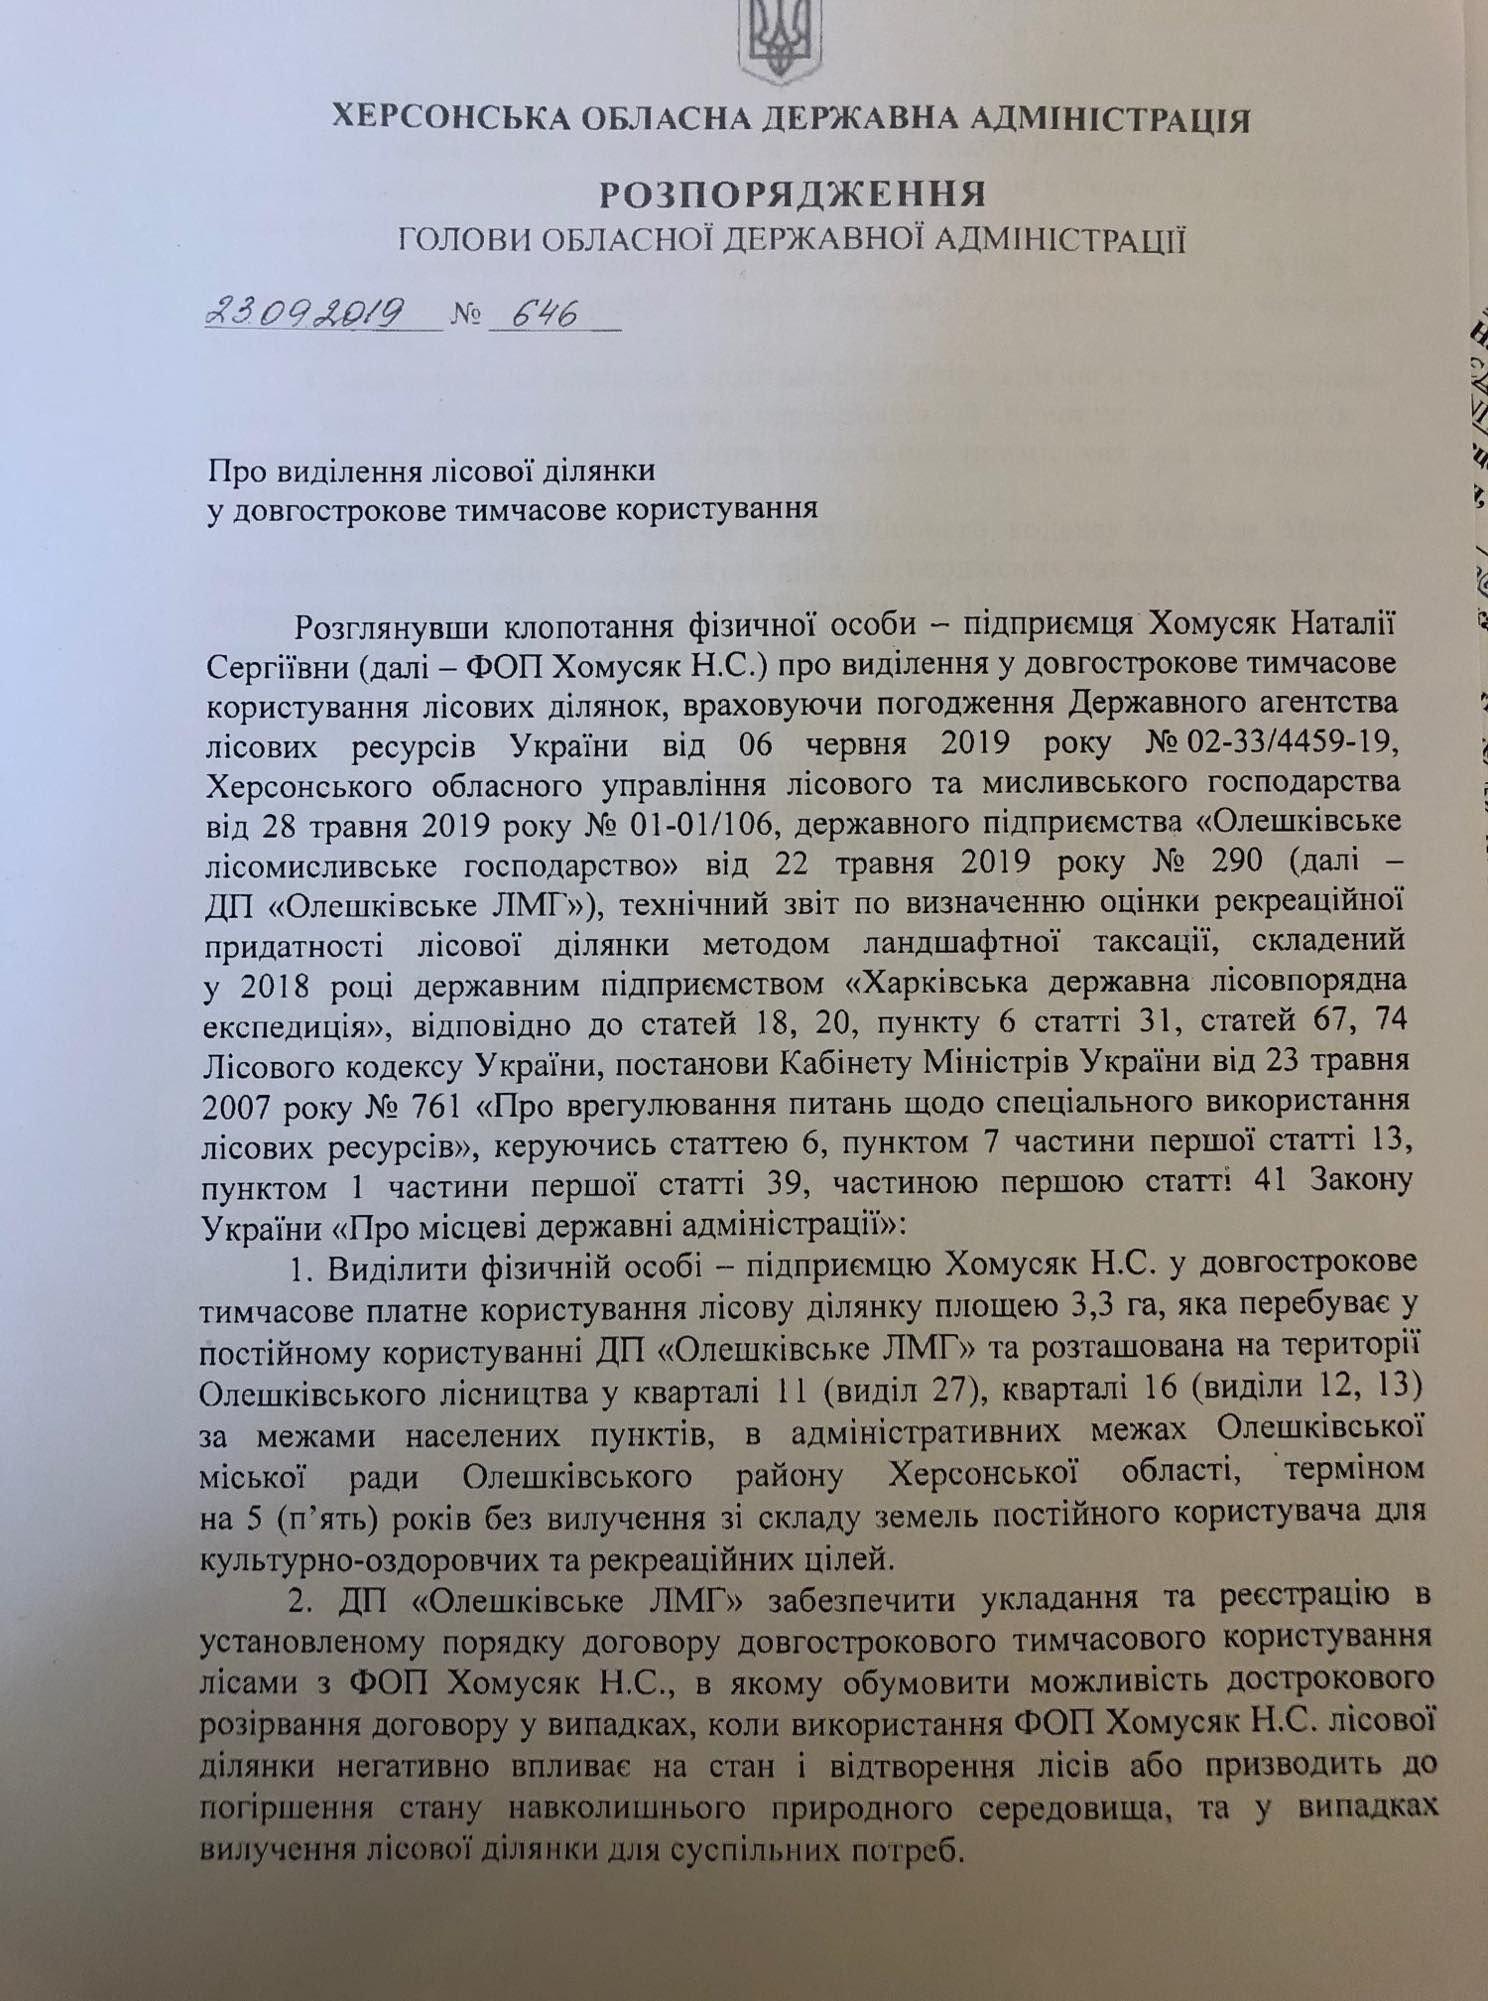 Губернатор Гусев раздает олешковский лес бизнесменам, - СМИ